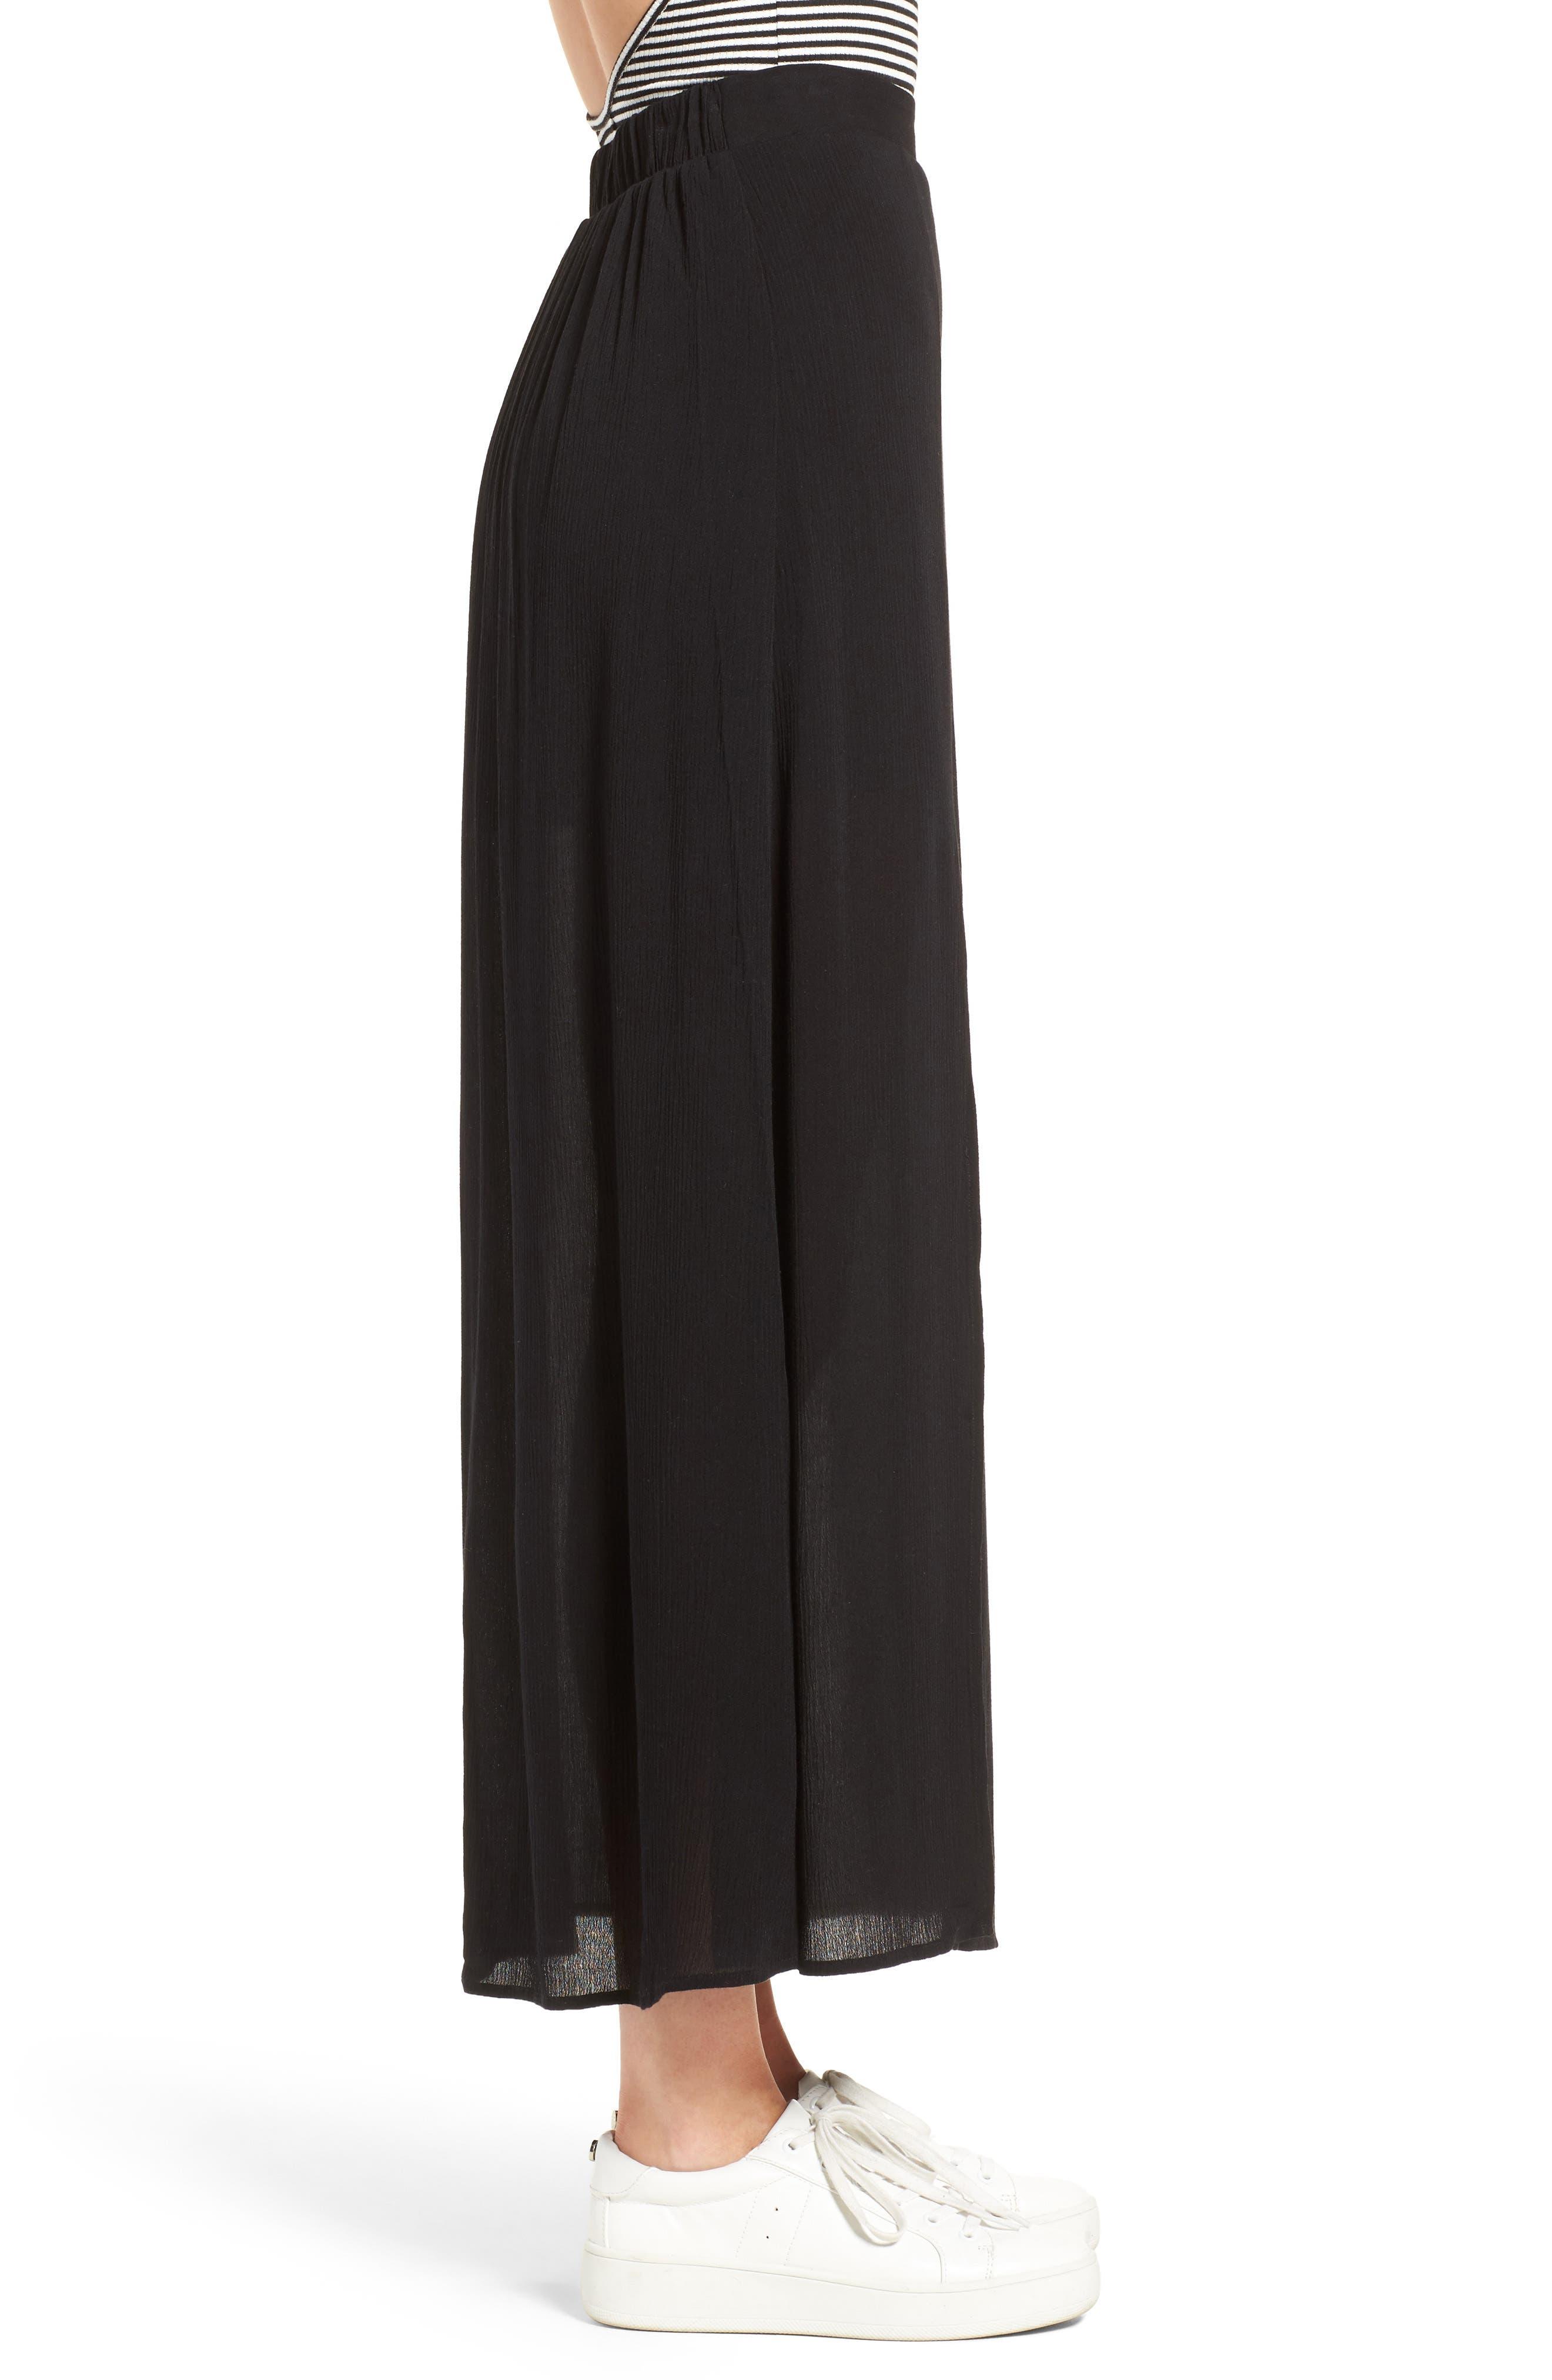 Alternate Image 3  - Love, Fire Slit Maxi Skirt